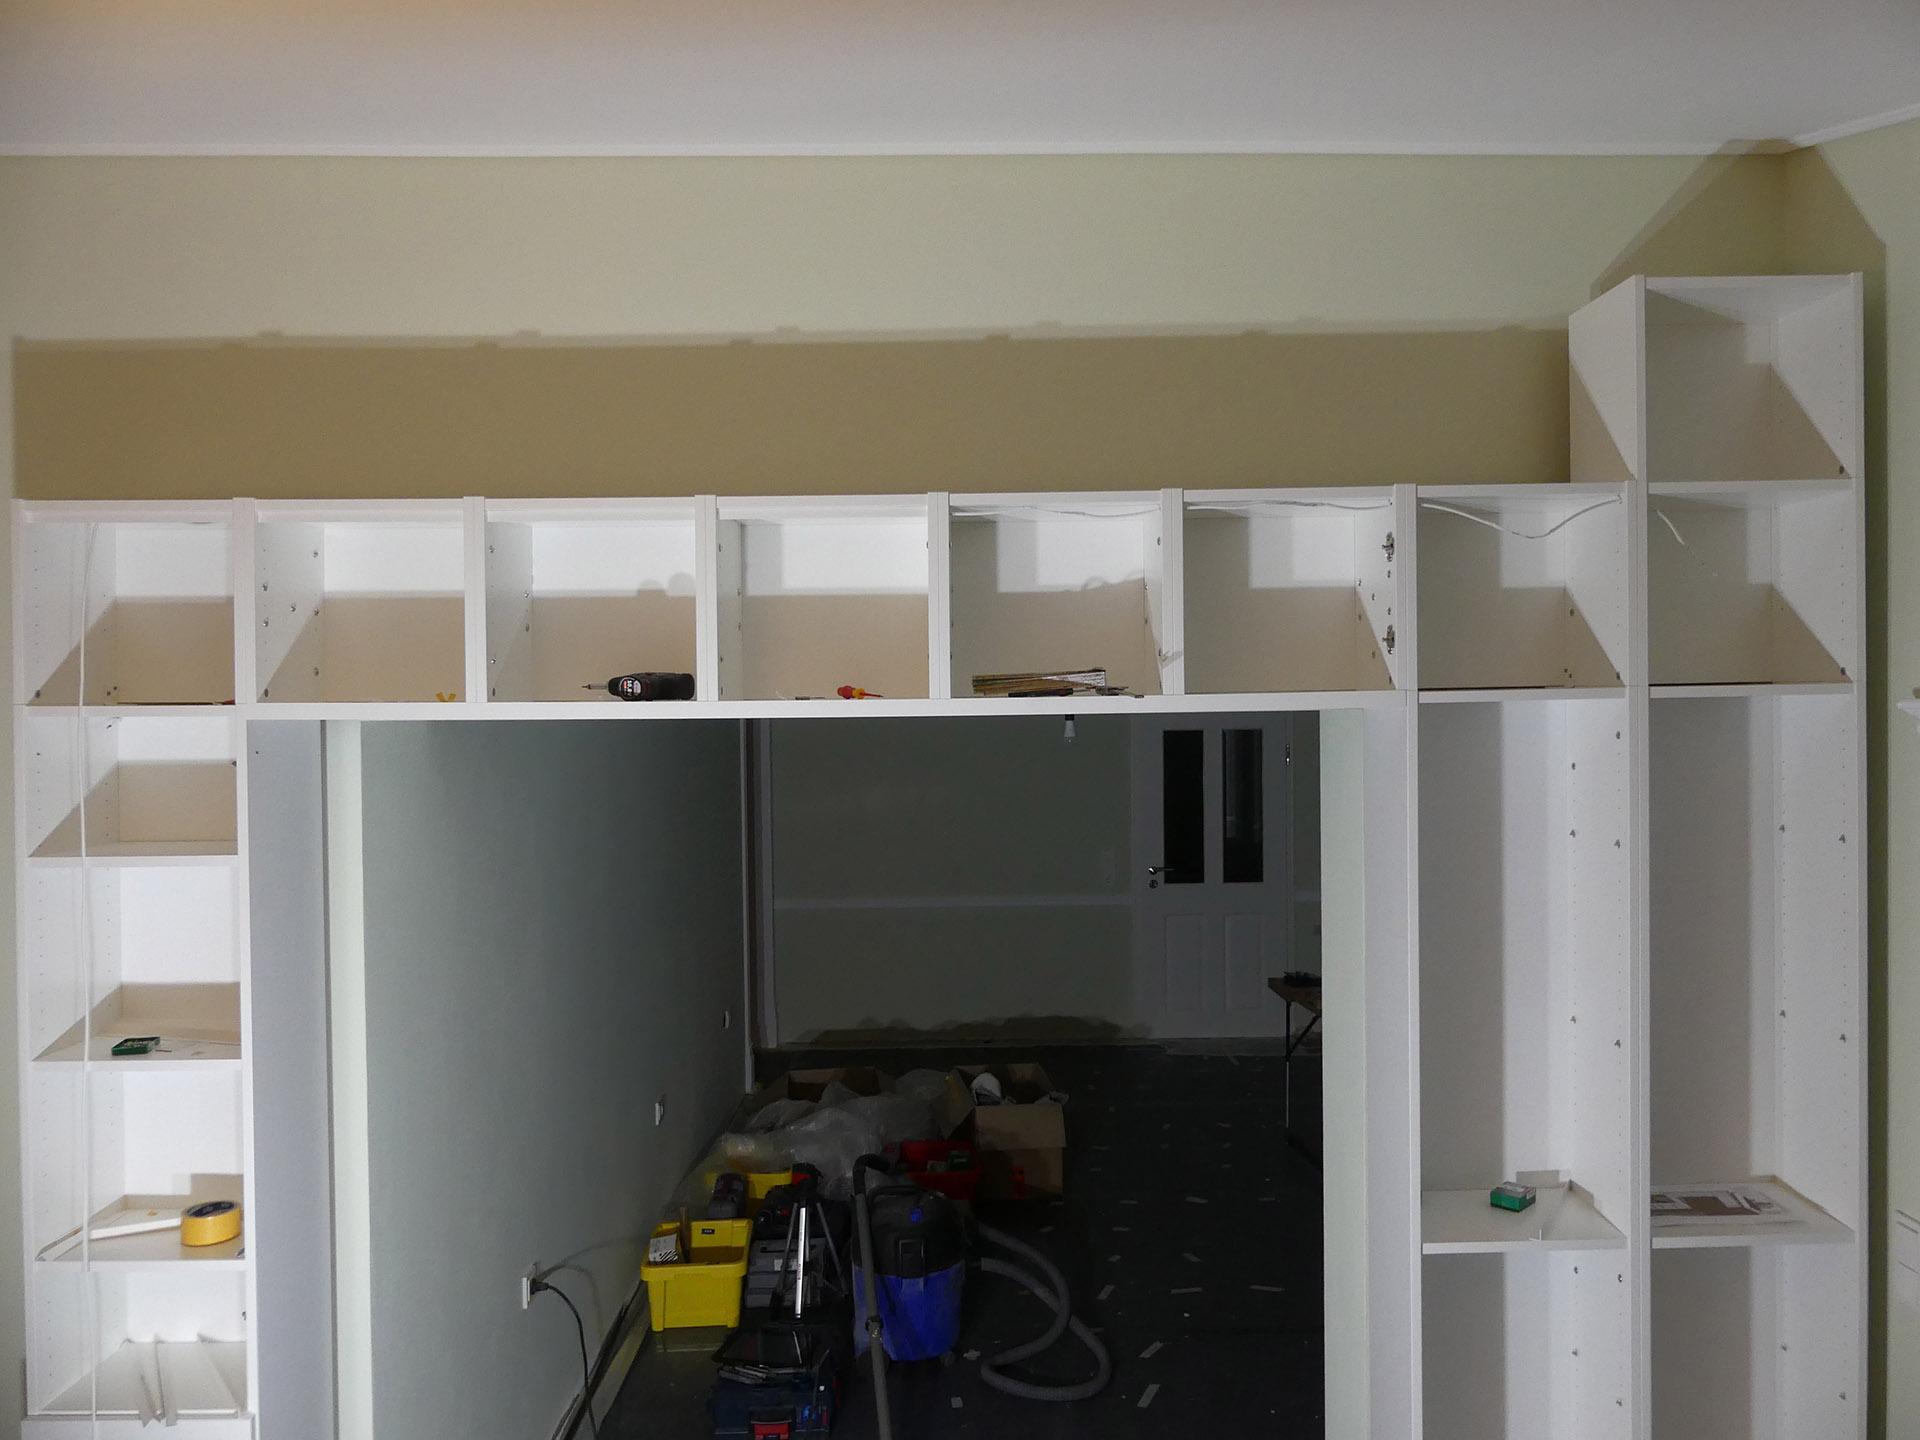 Full Size of Schritt 1 Der Anfang Bauarbeiten The Ikea Billy Project Regal Für Dachschräge Regale Aus Europaletten Gebrauchte 30 Cm Breit Tisch Kombination Weißes Regal Regal Zum Aufhängen